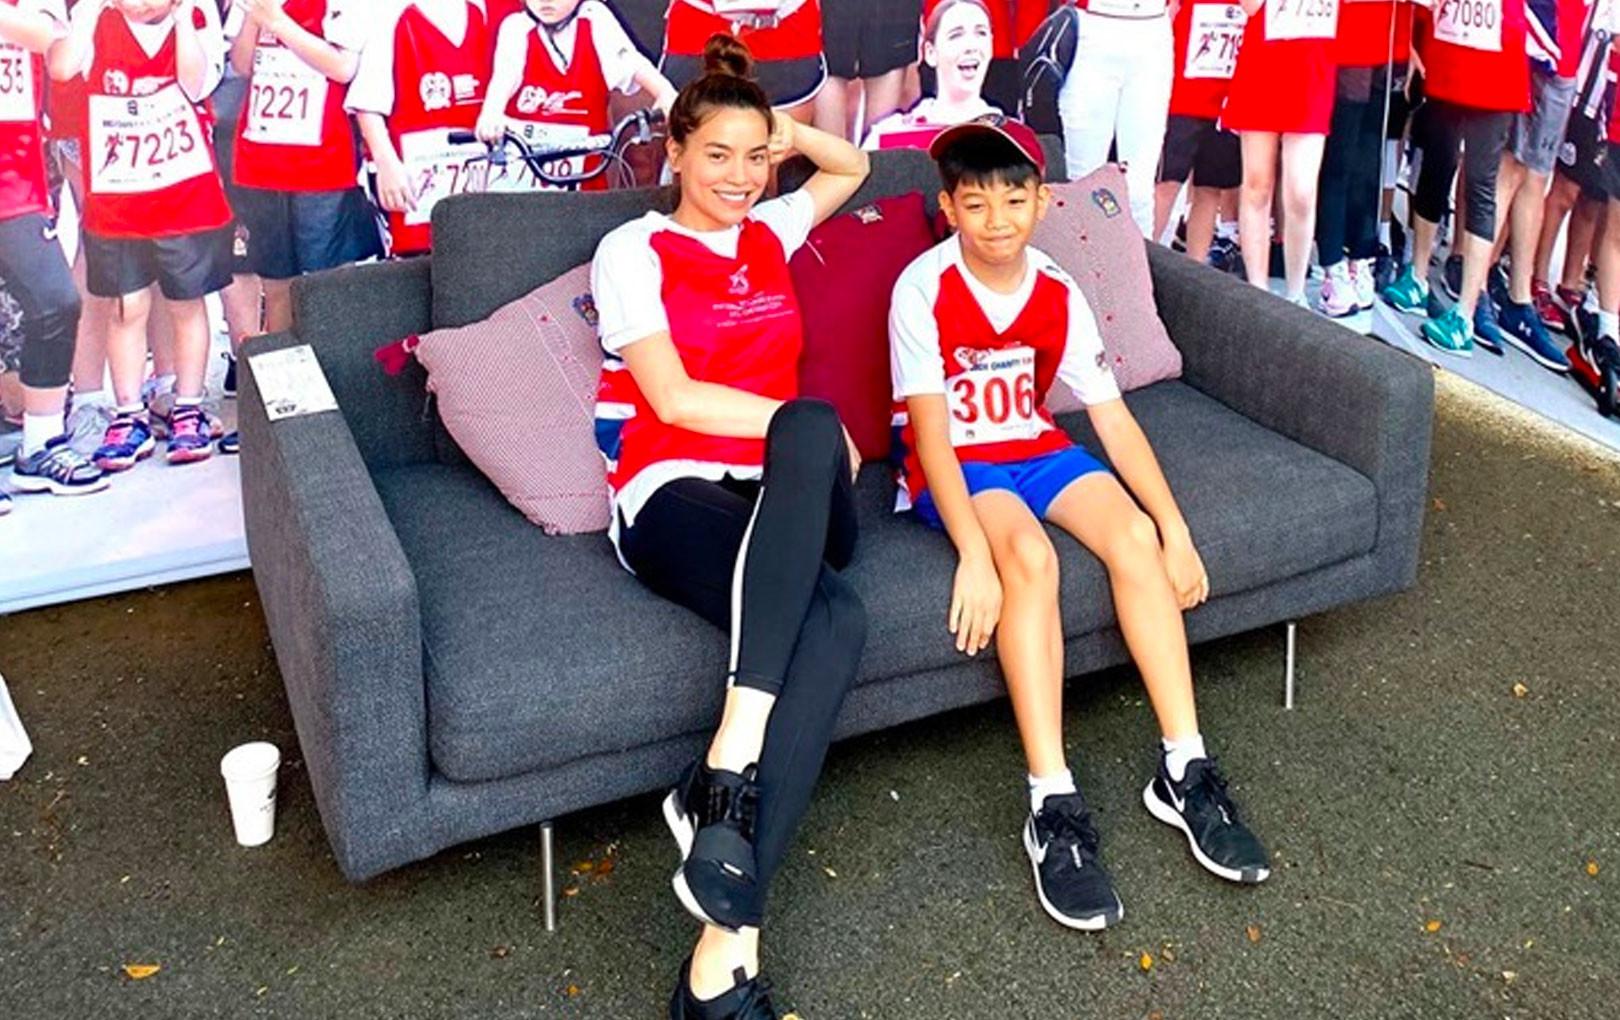 Cường Đôla - Hồ Ngọc Hà - Kim Lý cùng tham gia chương trình vận động với Subeo